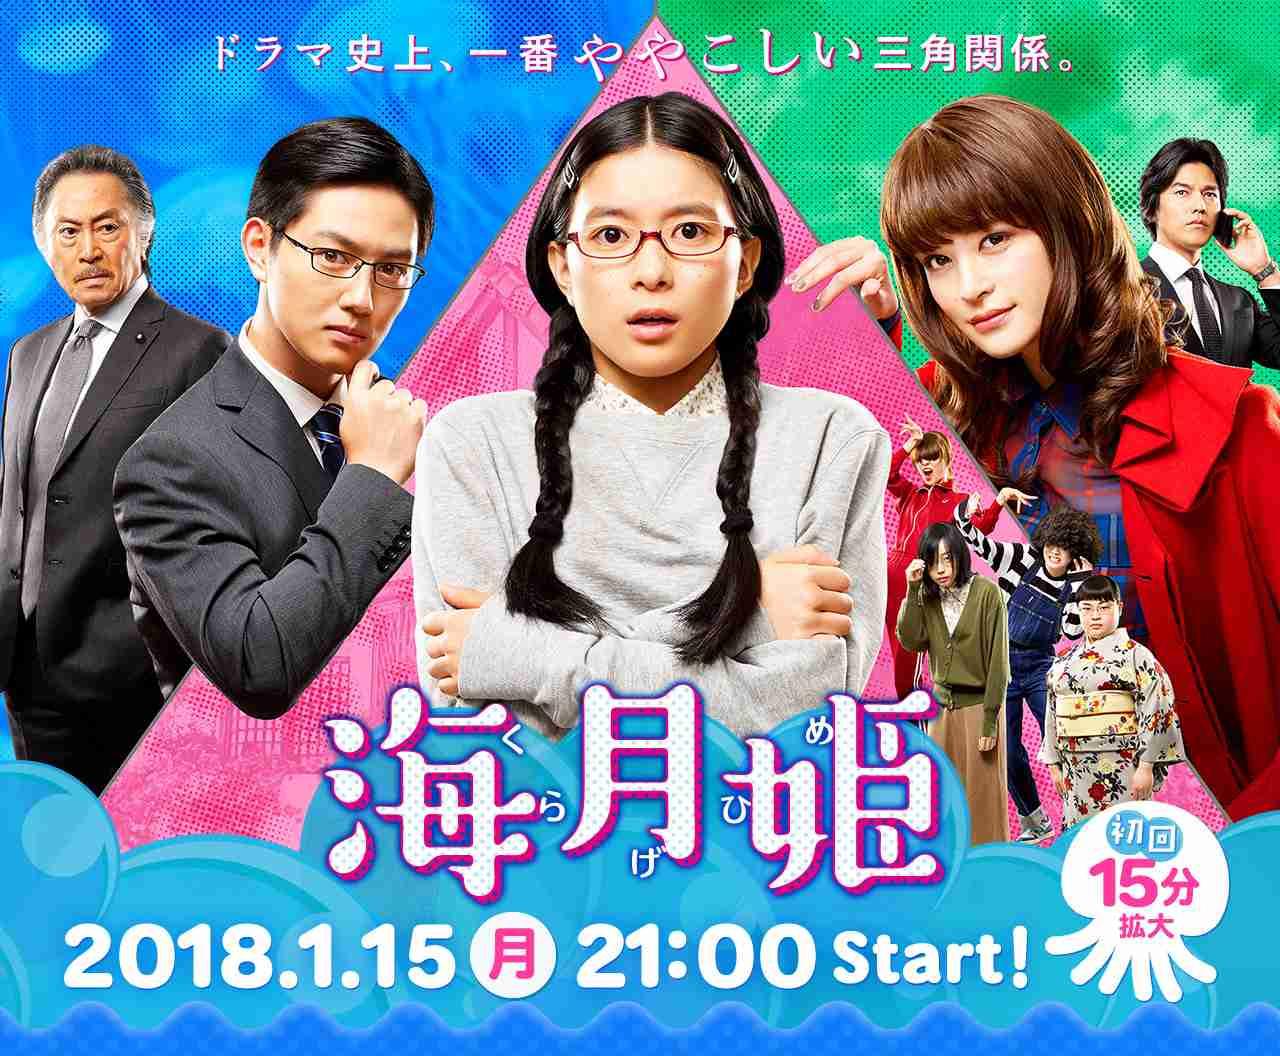 フジ月9「海月姫」主演の芳根京子、看板背負い「正直つらい」